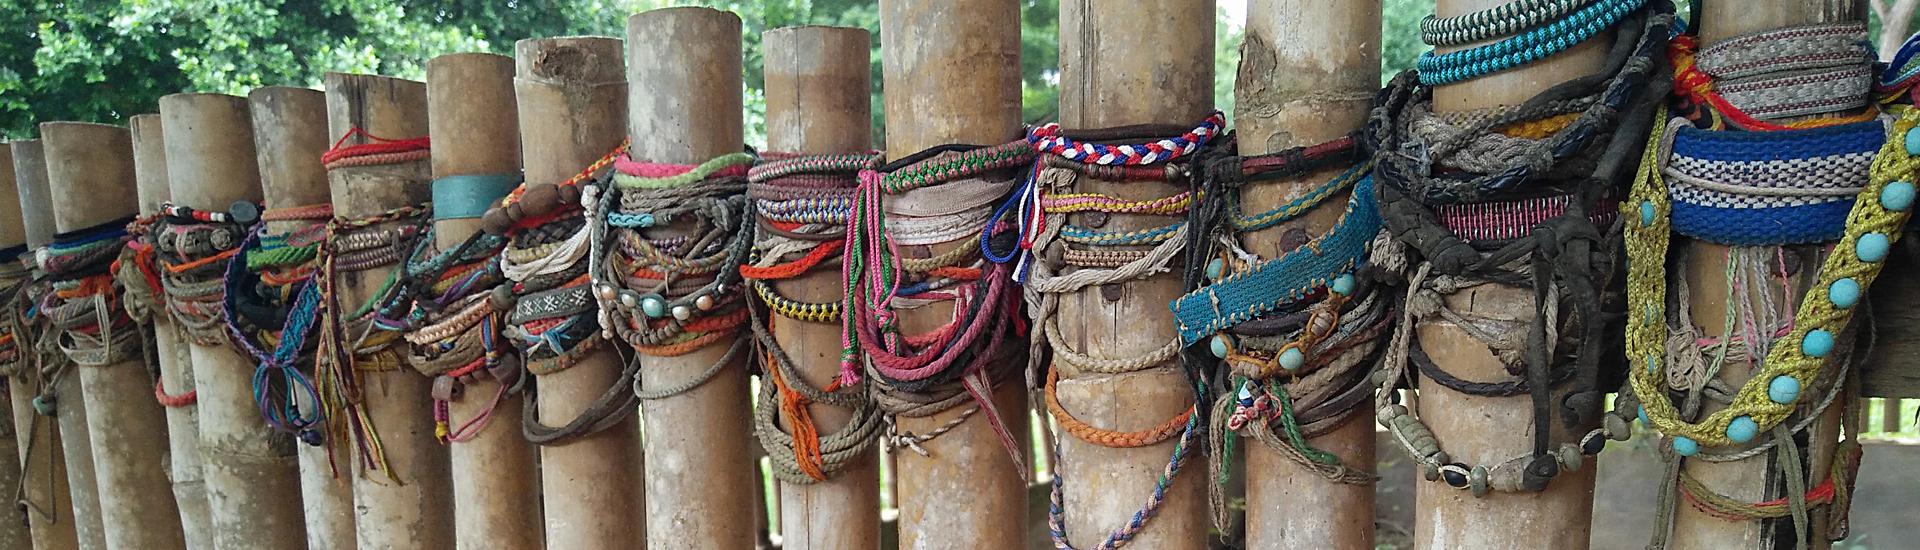 killing fields bracelets